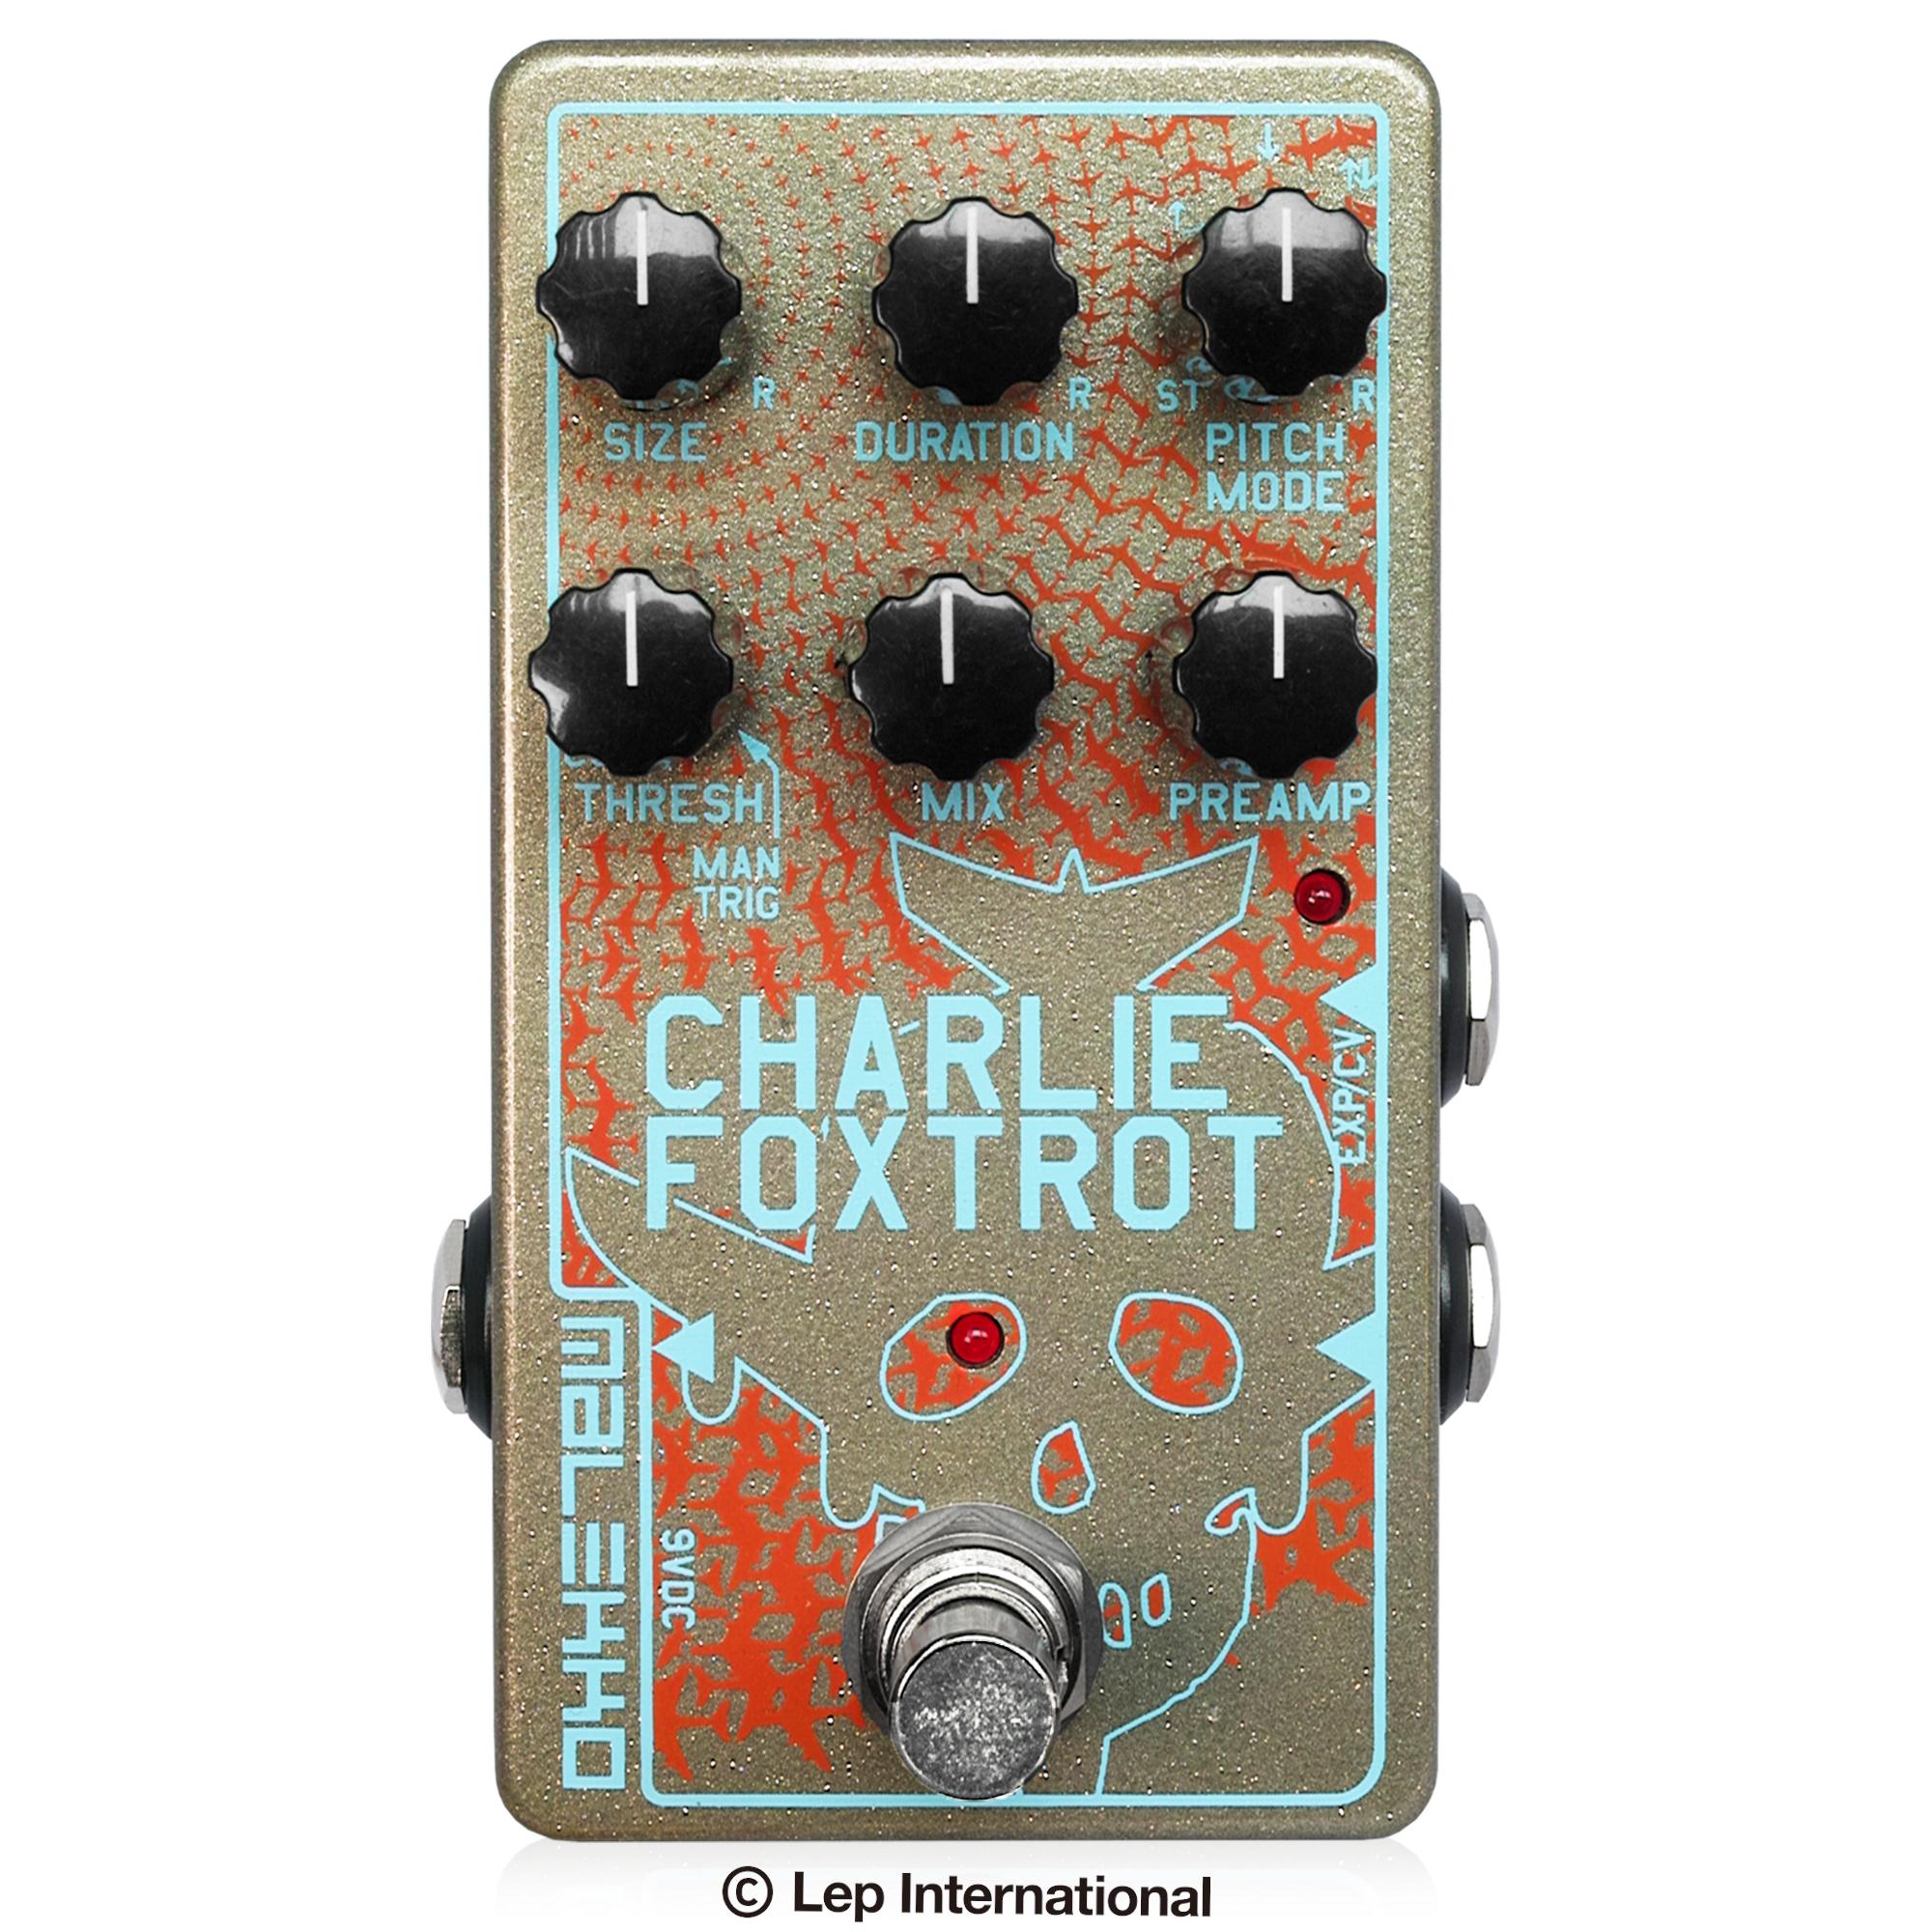 CHARLIE-FOXTROT-01.jpg